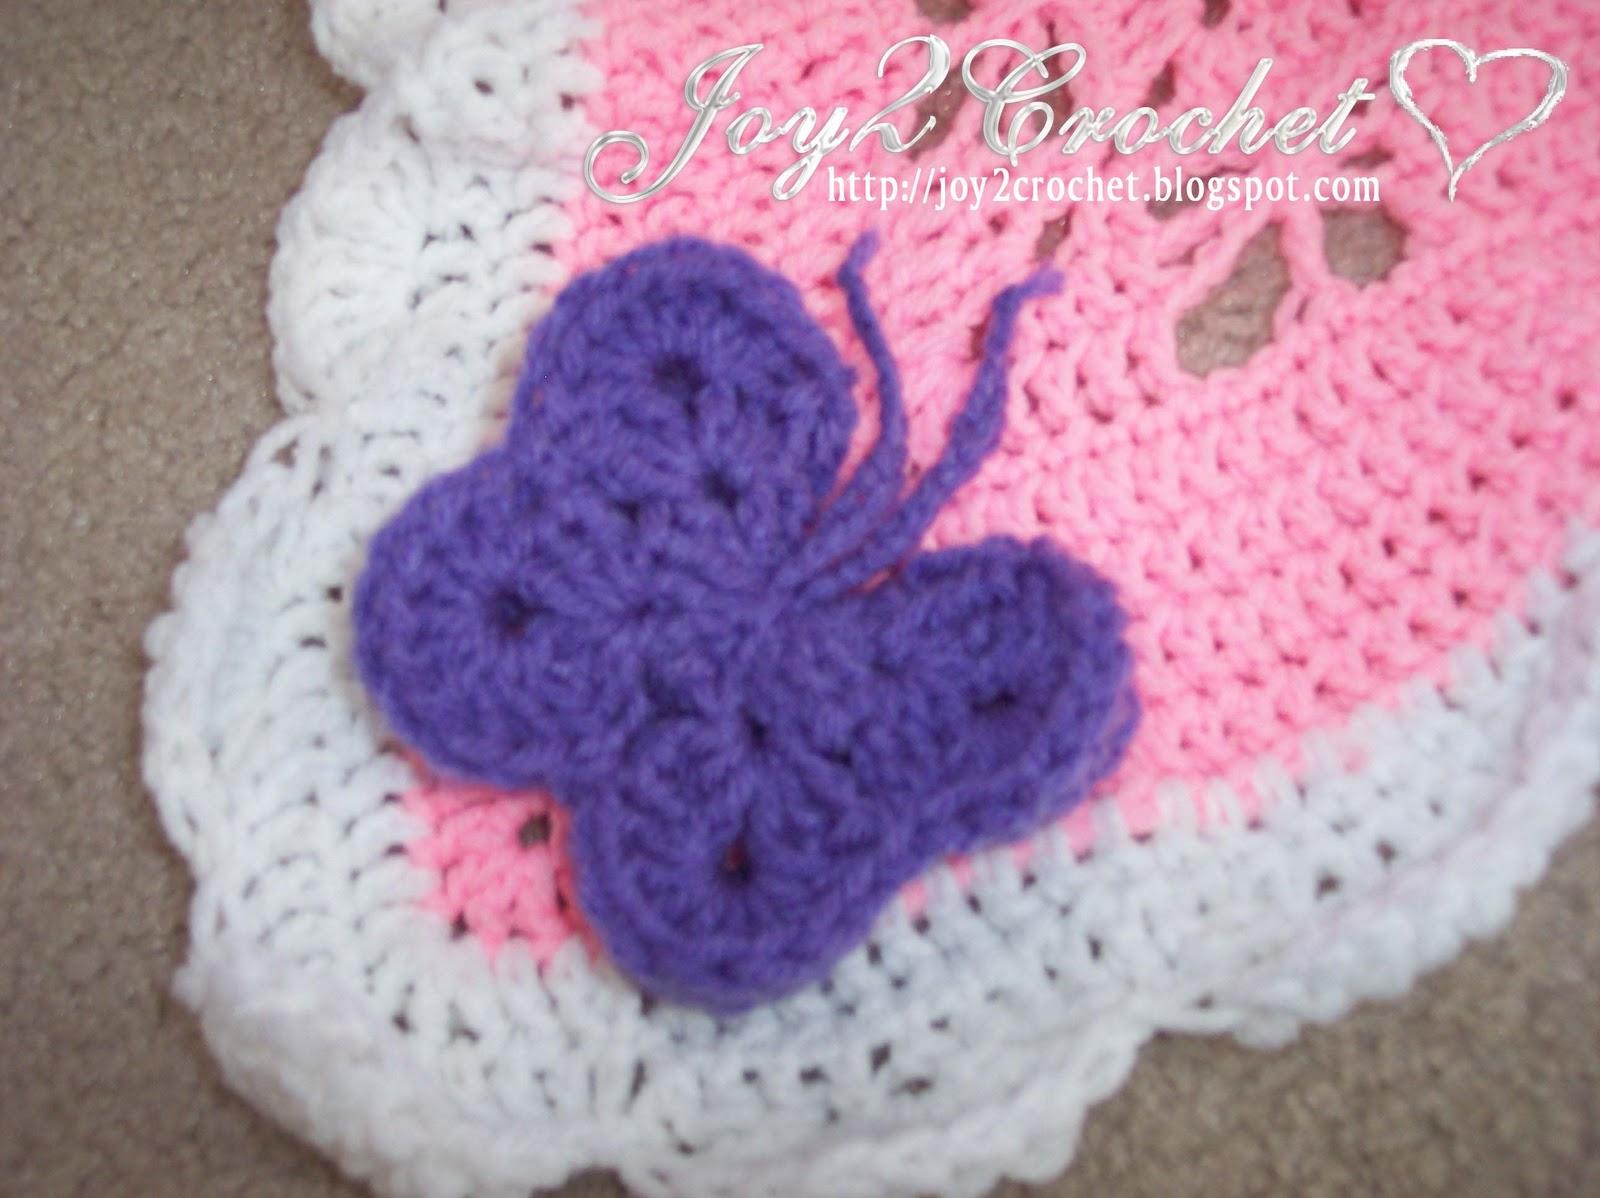 Butterfly Crochet Afghan Pattern Free : Free Crochet Butterfly Afghan Pattern